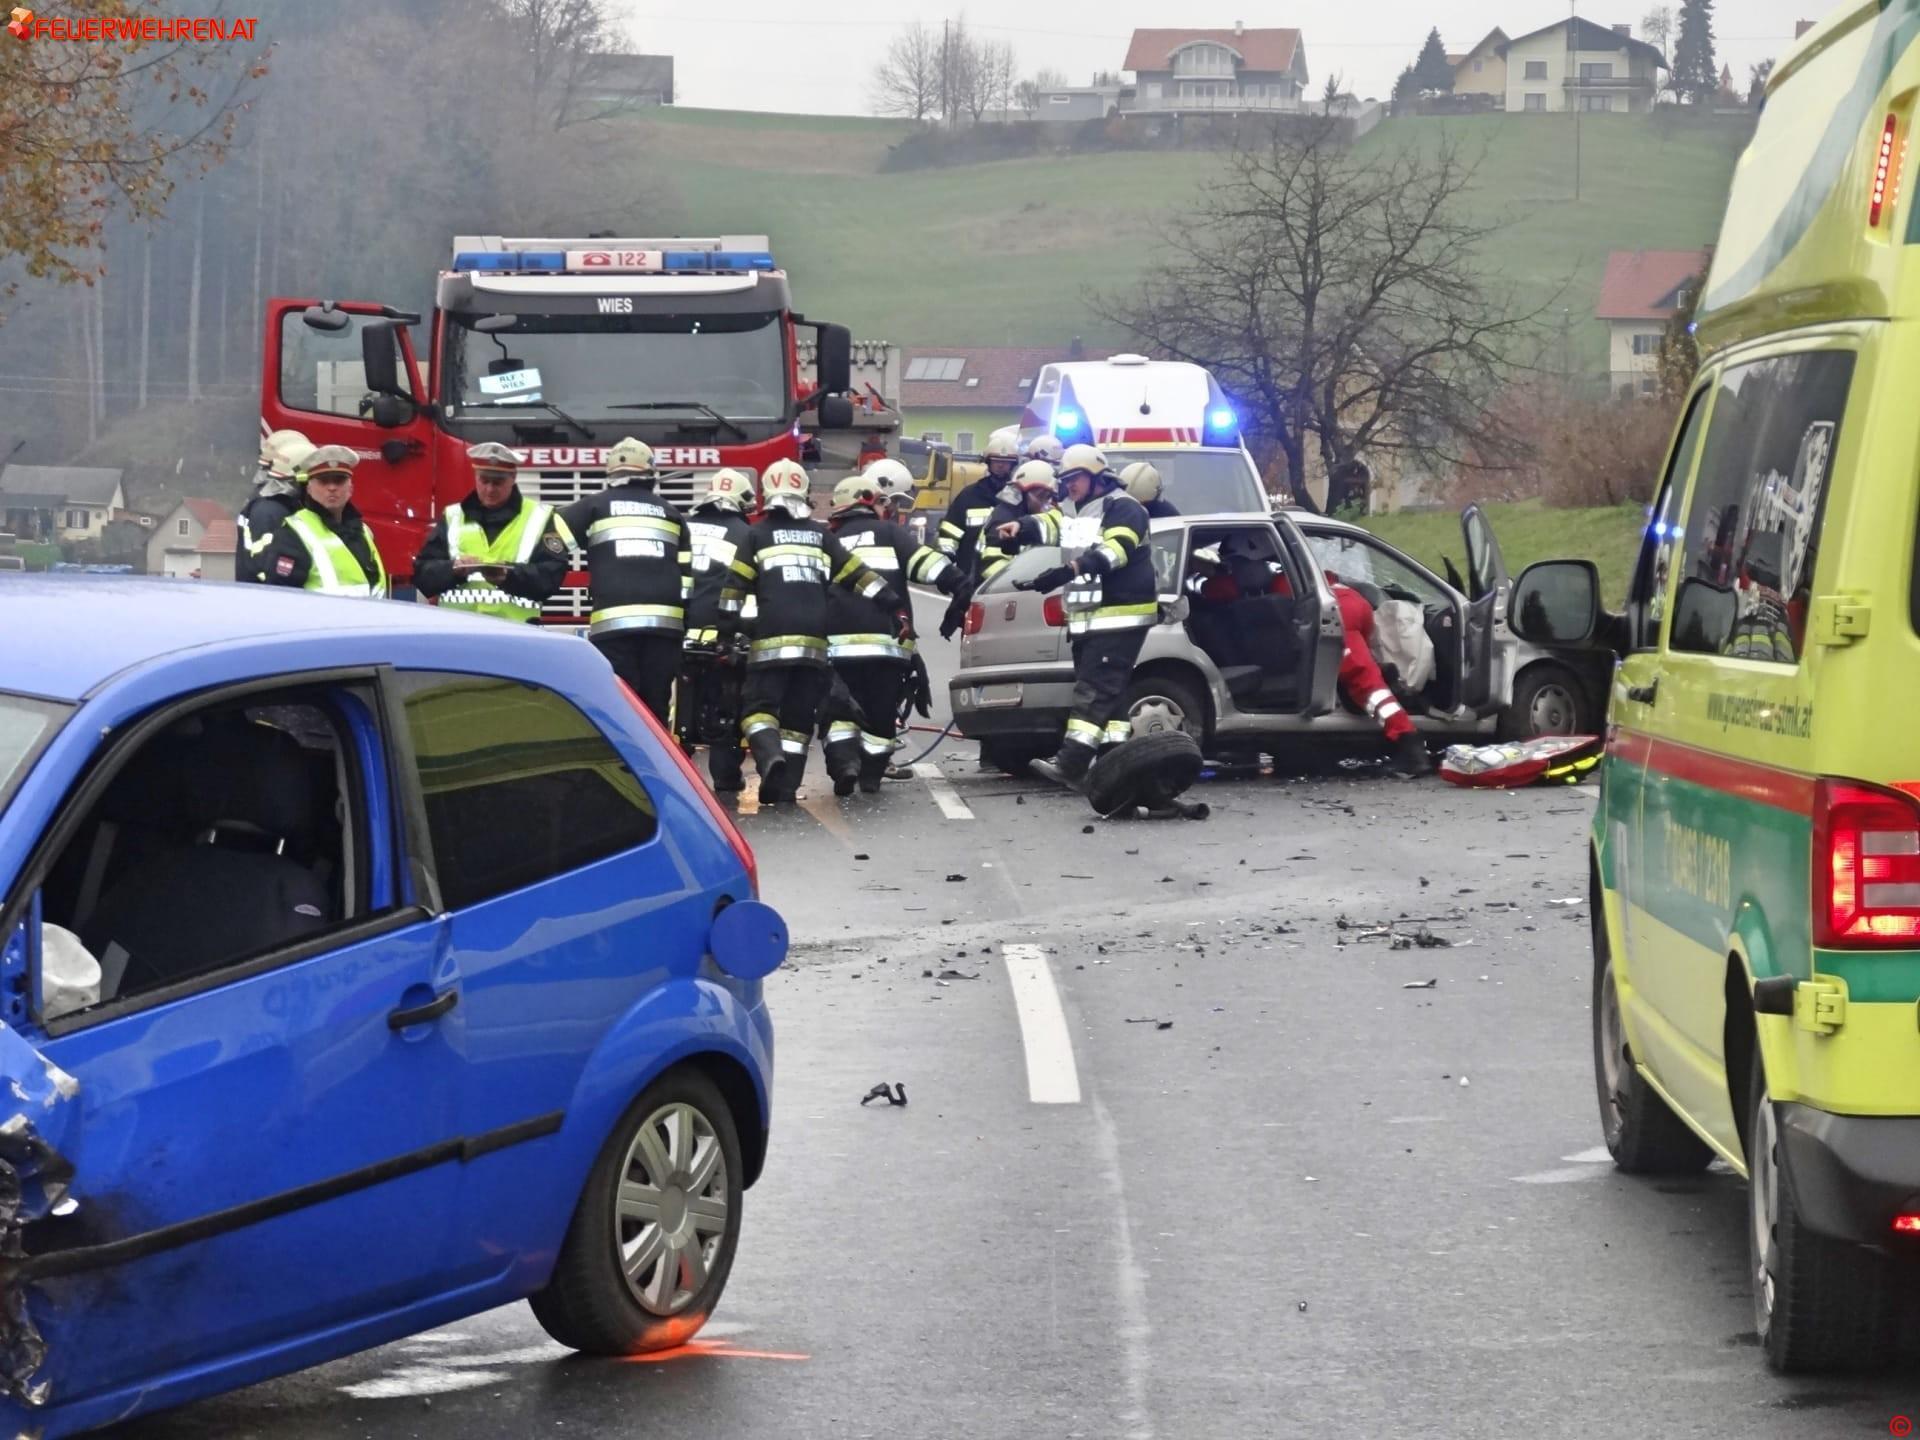 BFVDL: Schwerer Verkehrsunfall auf der B76 im Bereich Wies-Eibiswald 1